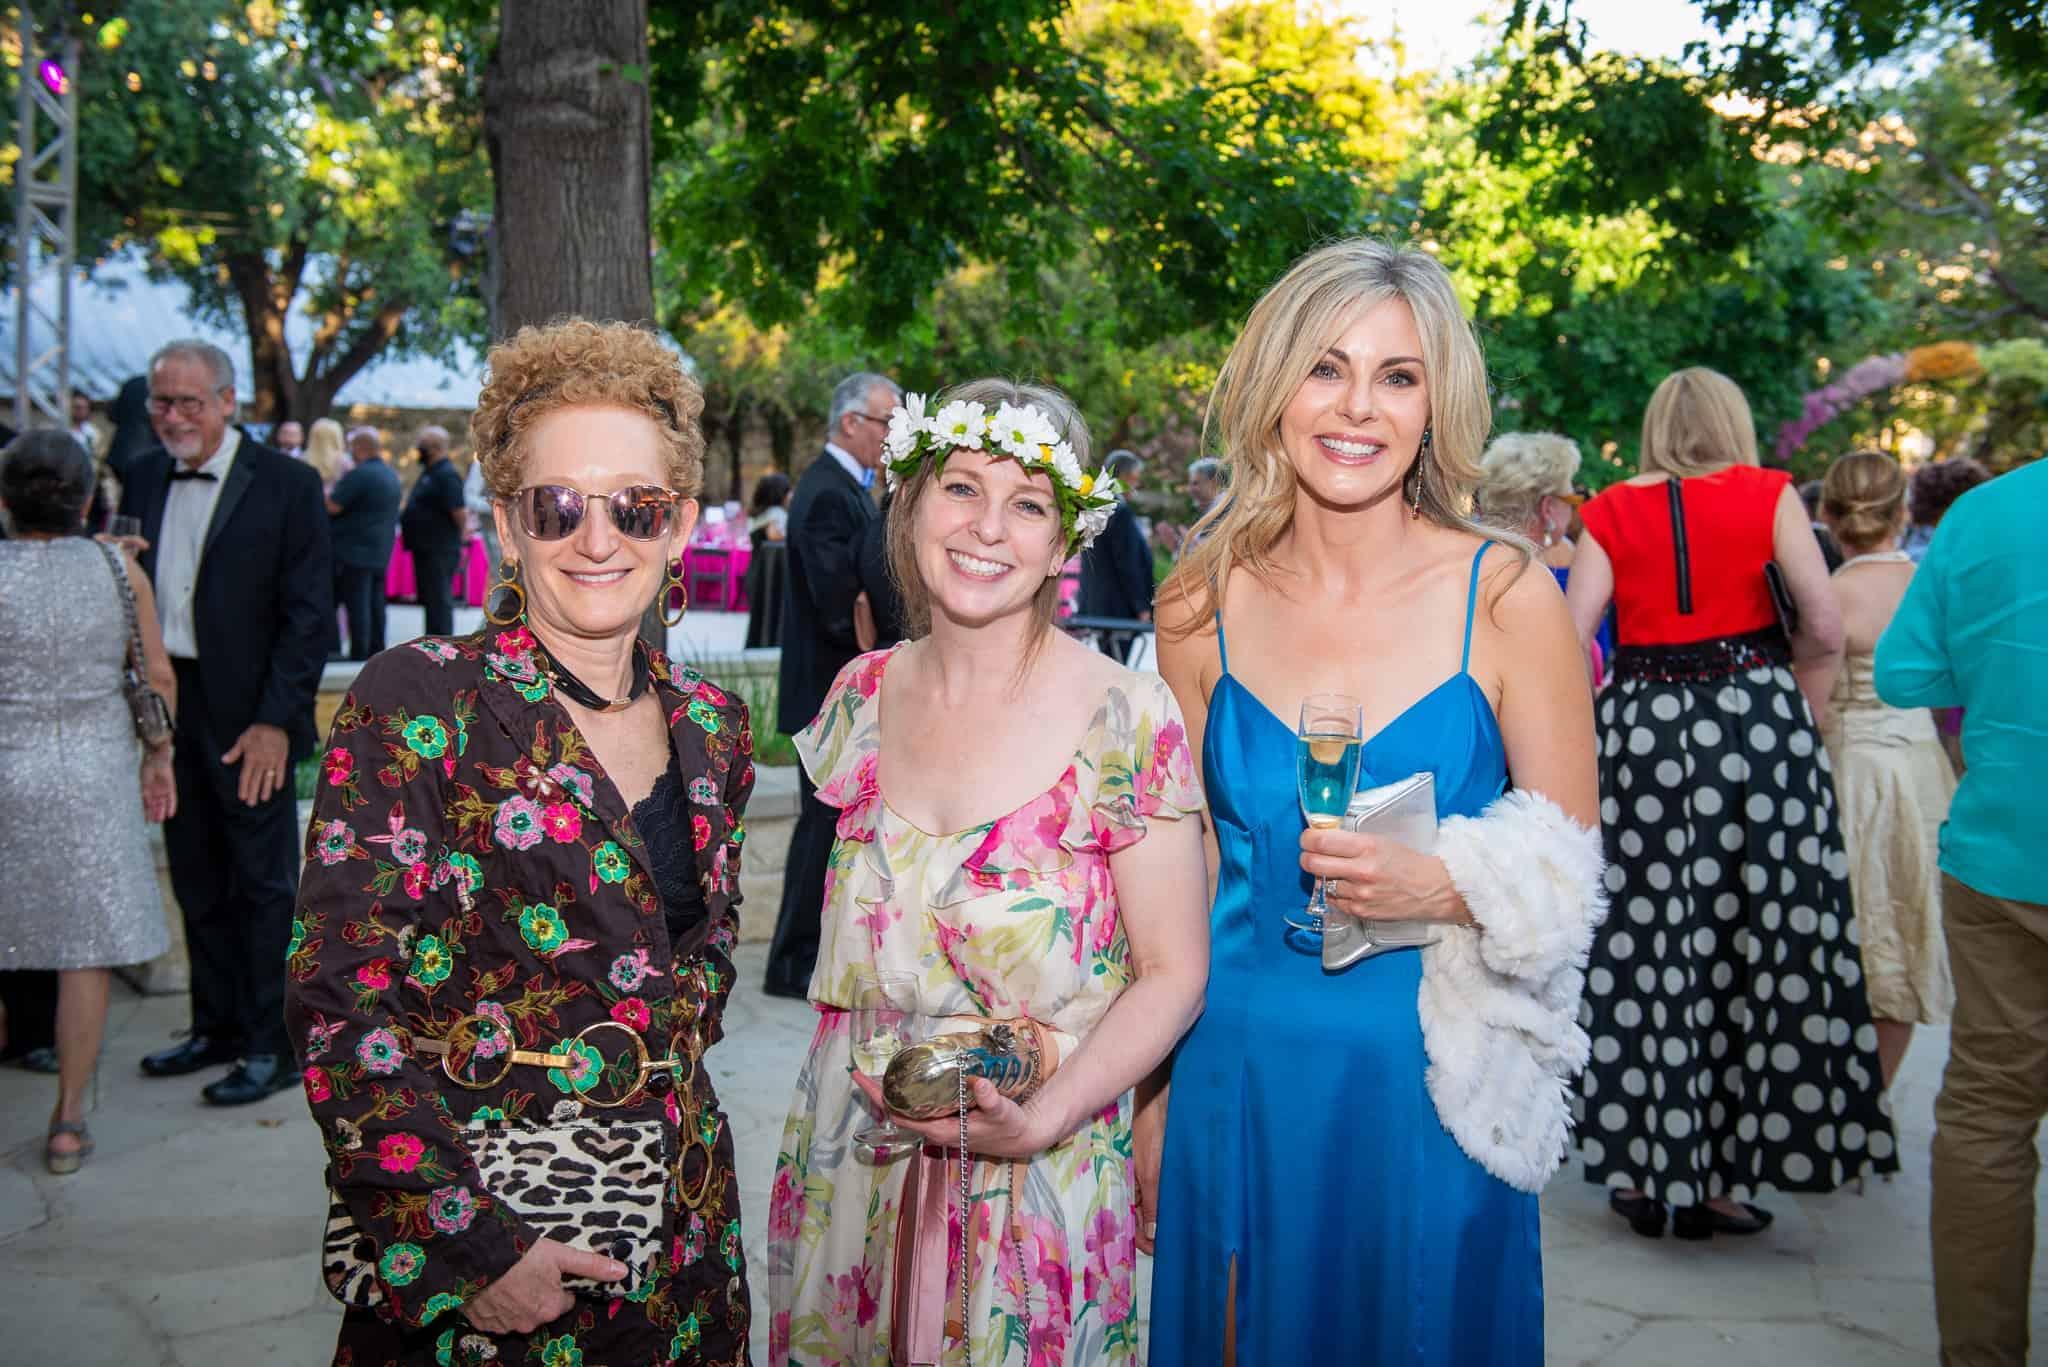 Karina Dolgin, Sarah Herr and Jennalie Lyons